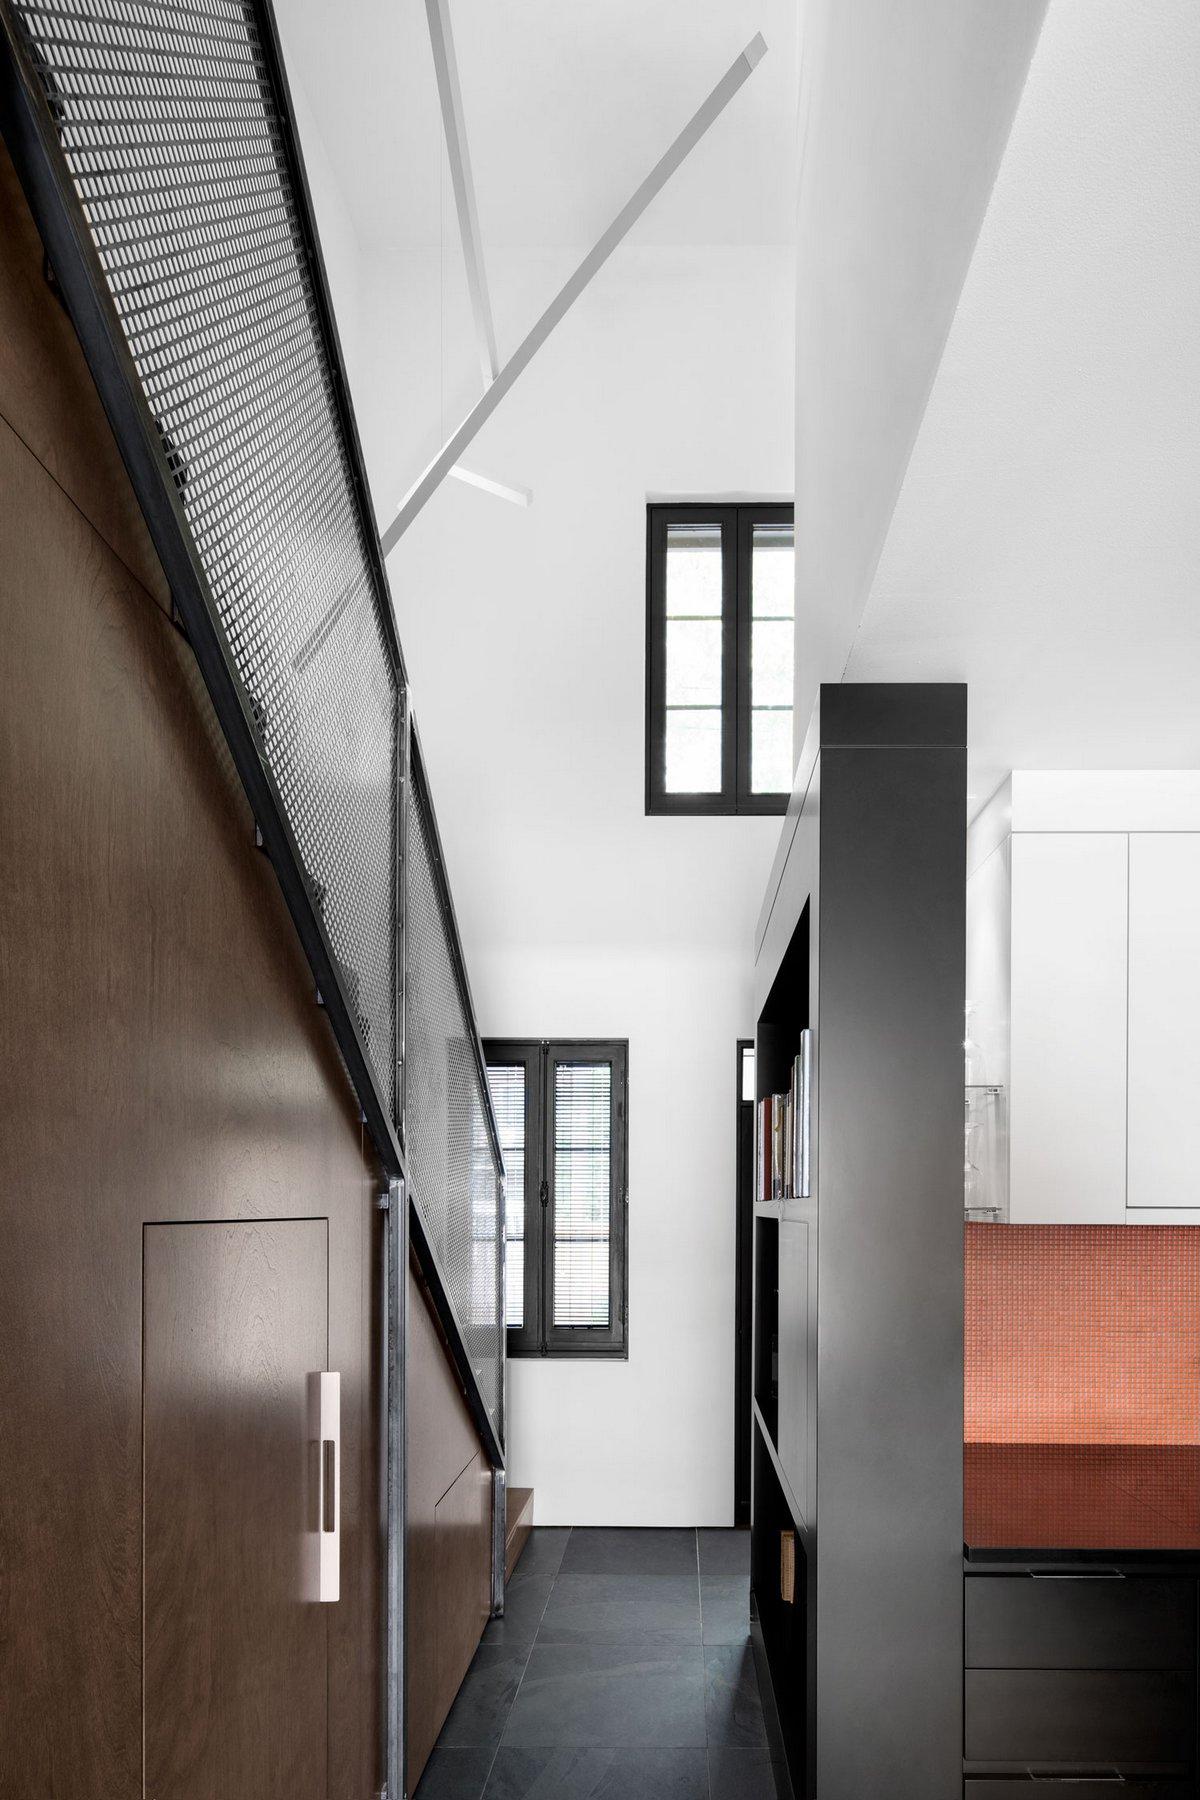 LeJeune, Architecture Open Form, черный фасад дома фото, интерьер в стиле минимализм фото, реставрация частного дома фото, маленький частный дом фото